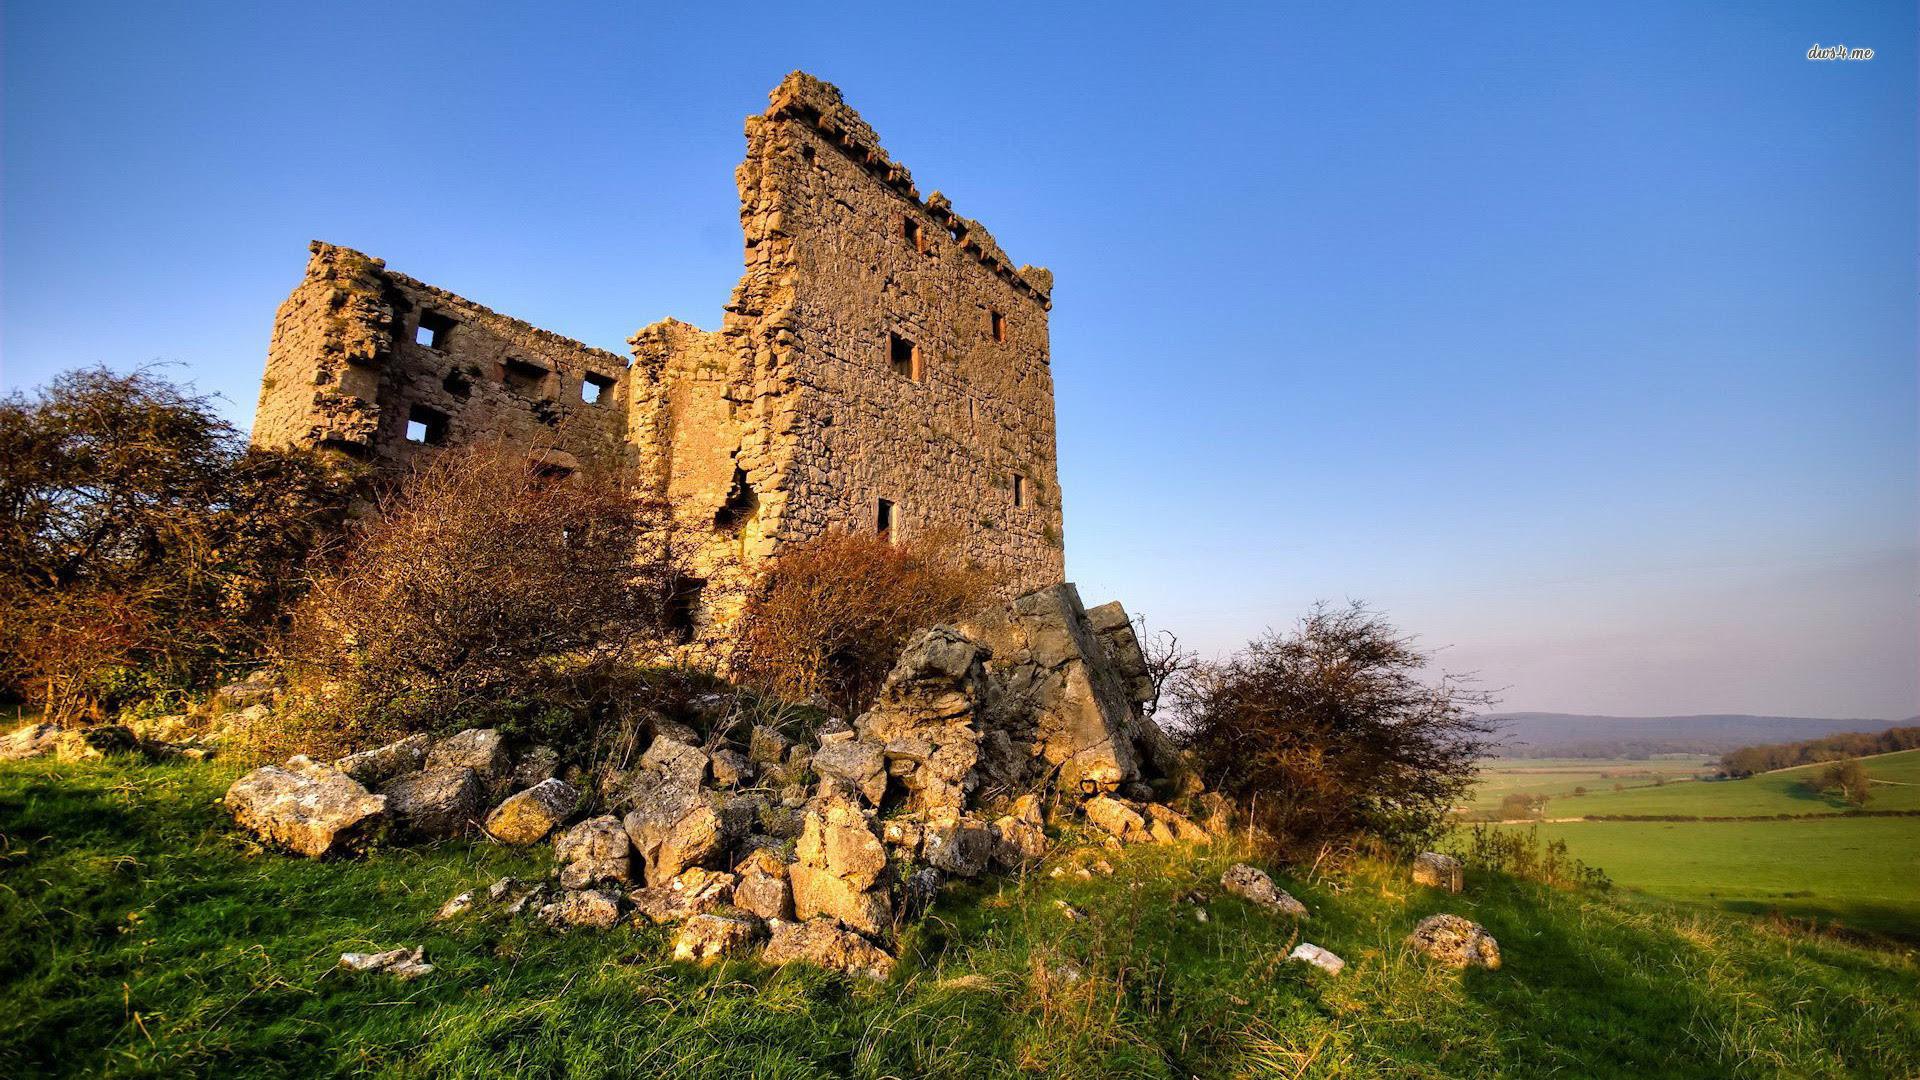 Castle Wallpaper HD (71+ images)